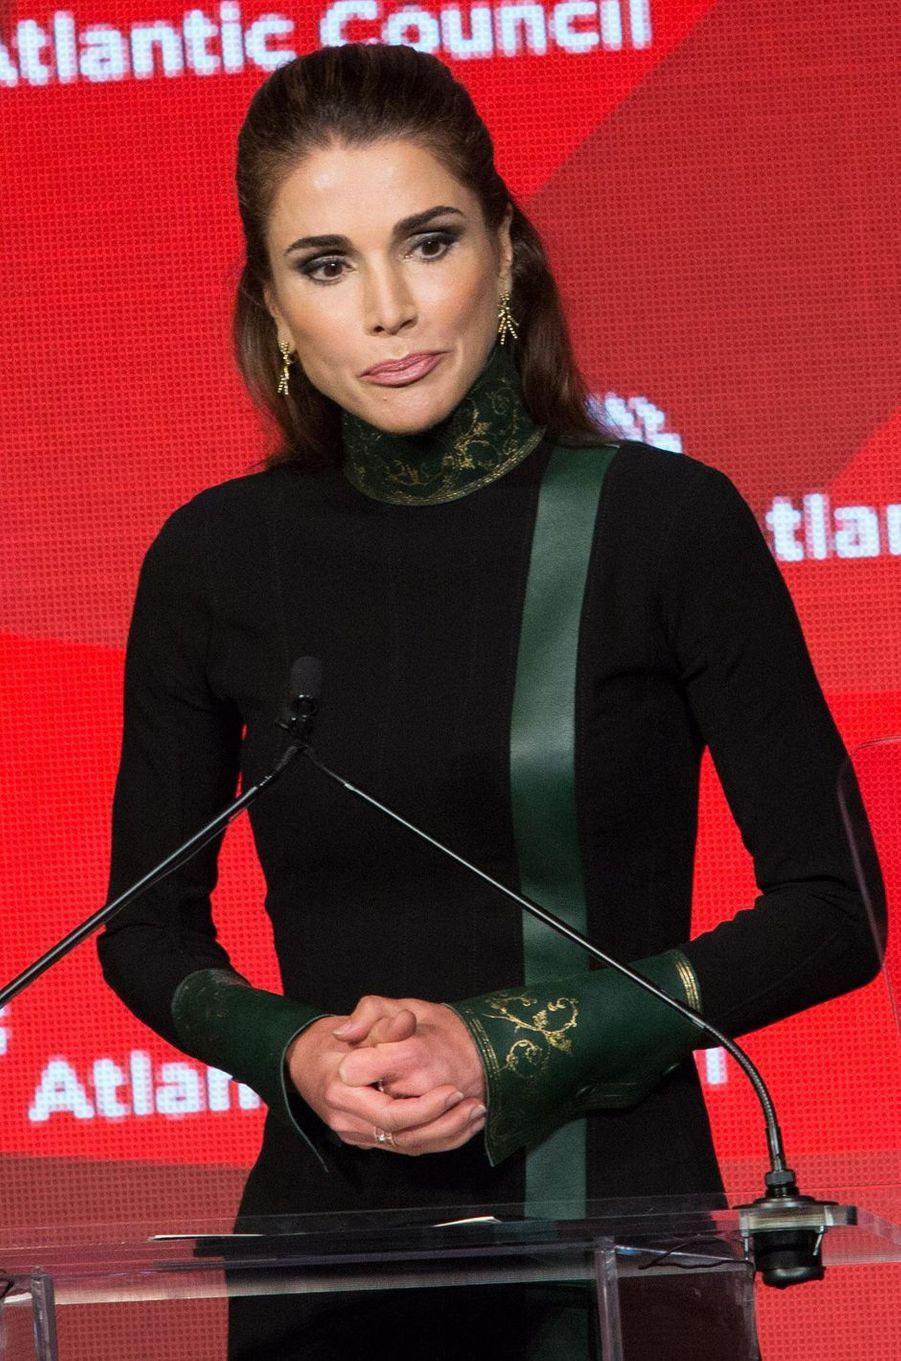 La reine Rania de Jordanie à la remise des prix d'Atlantic Council à New York, le 19 septembre 2017